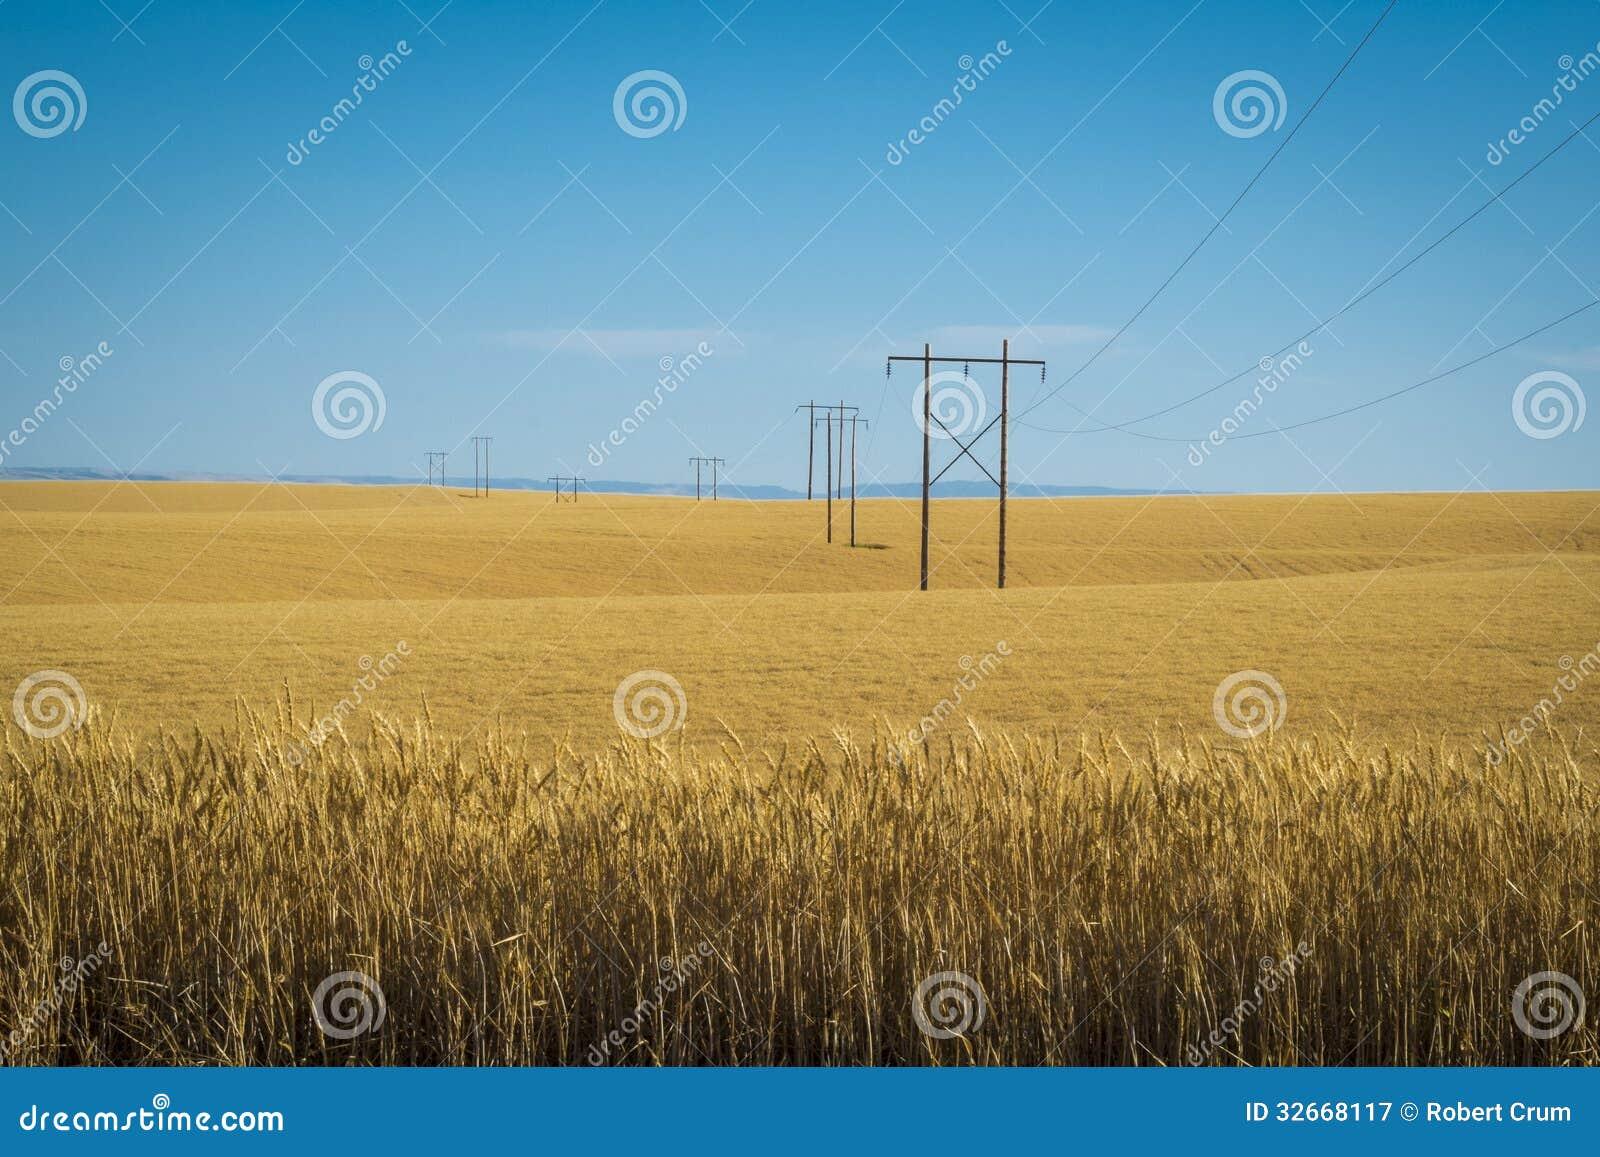 Pszeniczni pola, linie energetyczne, wschodni Waszyngton